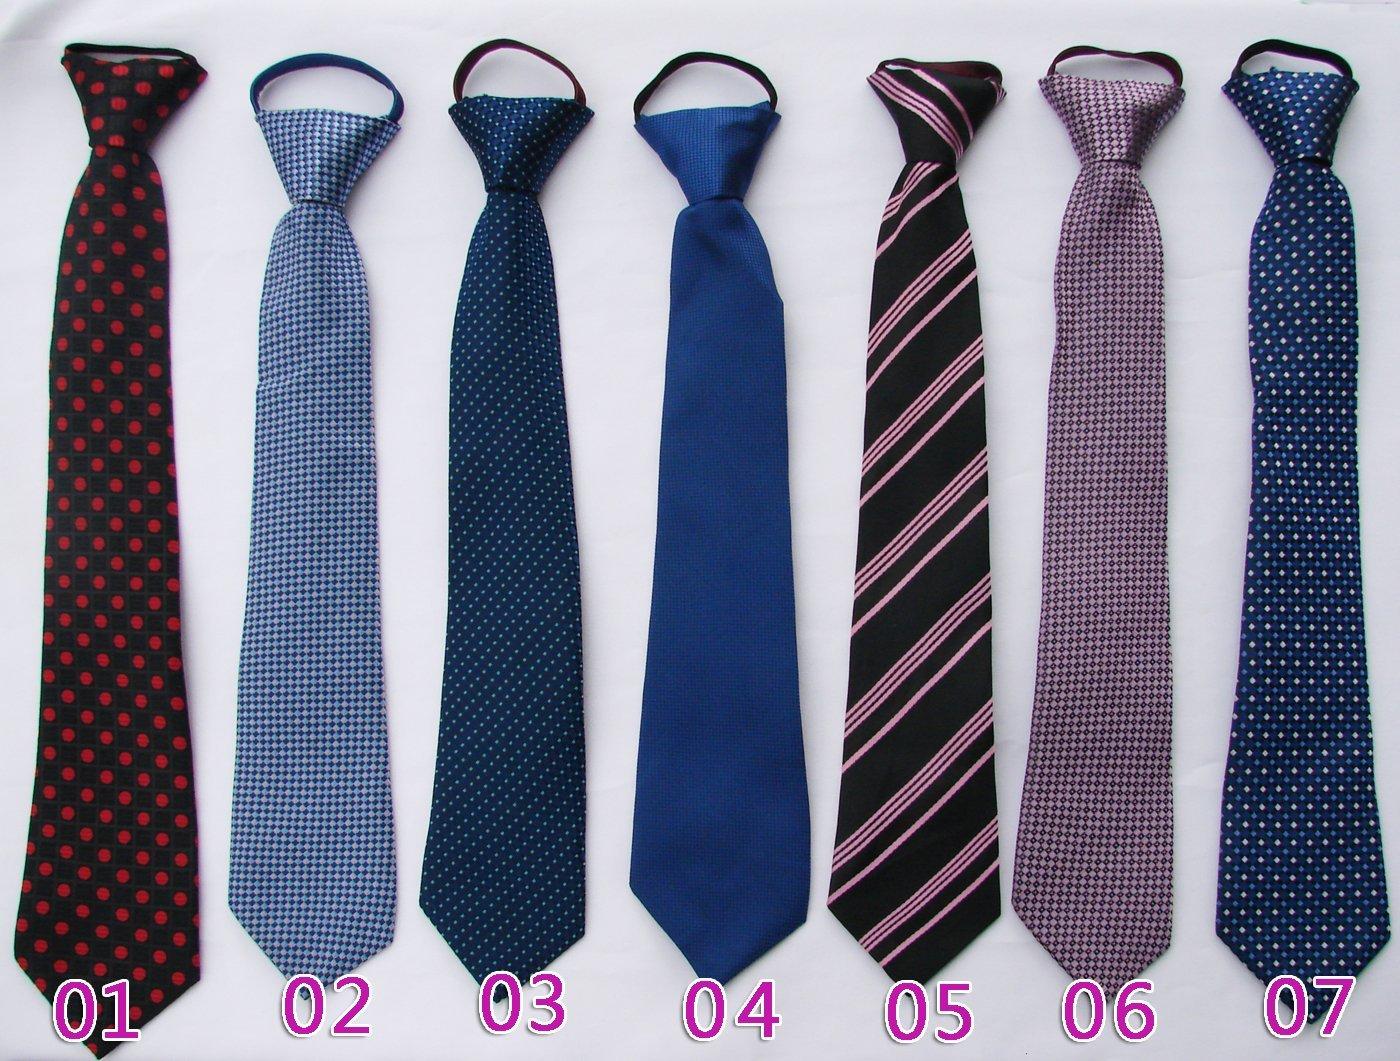 【俏寶貝 】男童領帶兒童領帶 花童學生按鈕式領帶 畢業典禮鋼琴演湊表演西裝襯衫領帶 紳士領帶 120~150cm